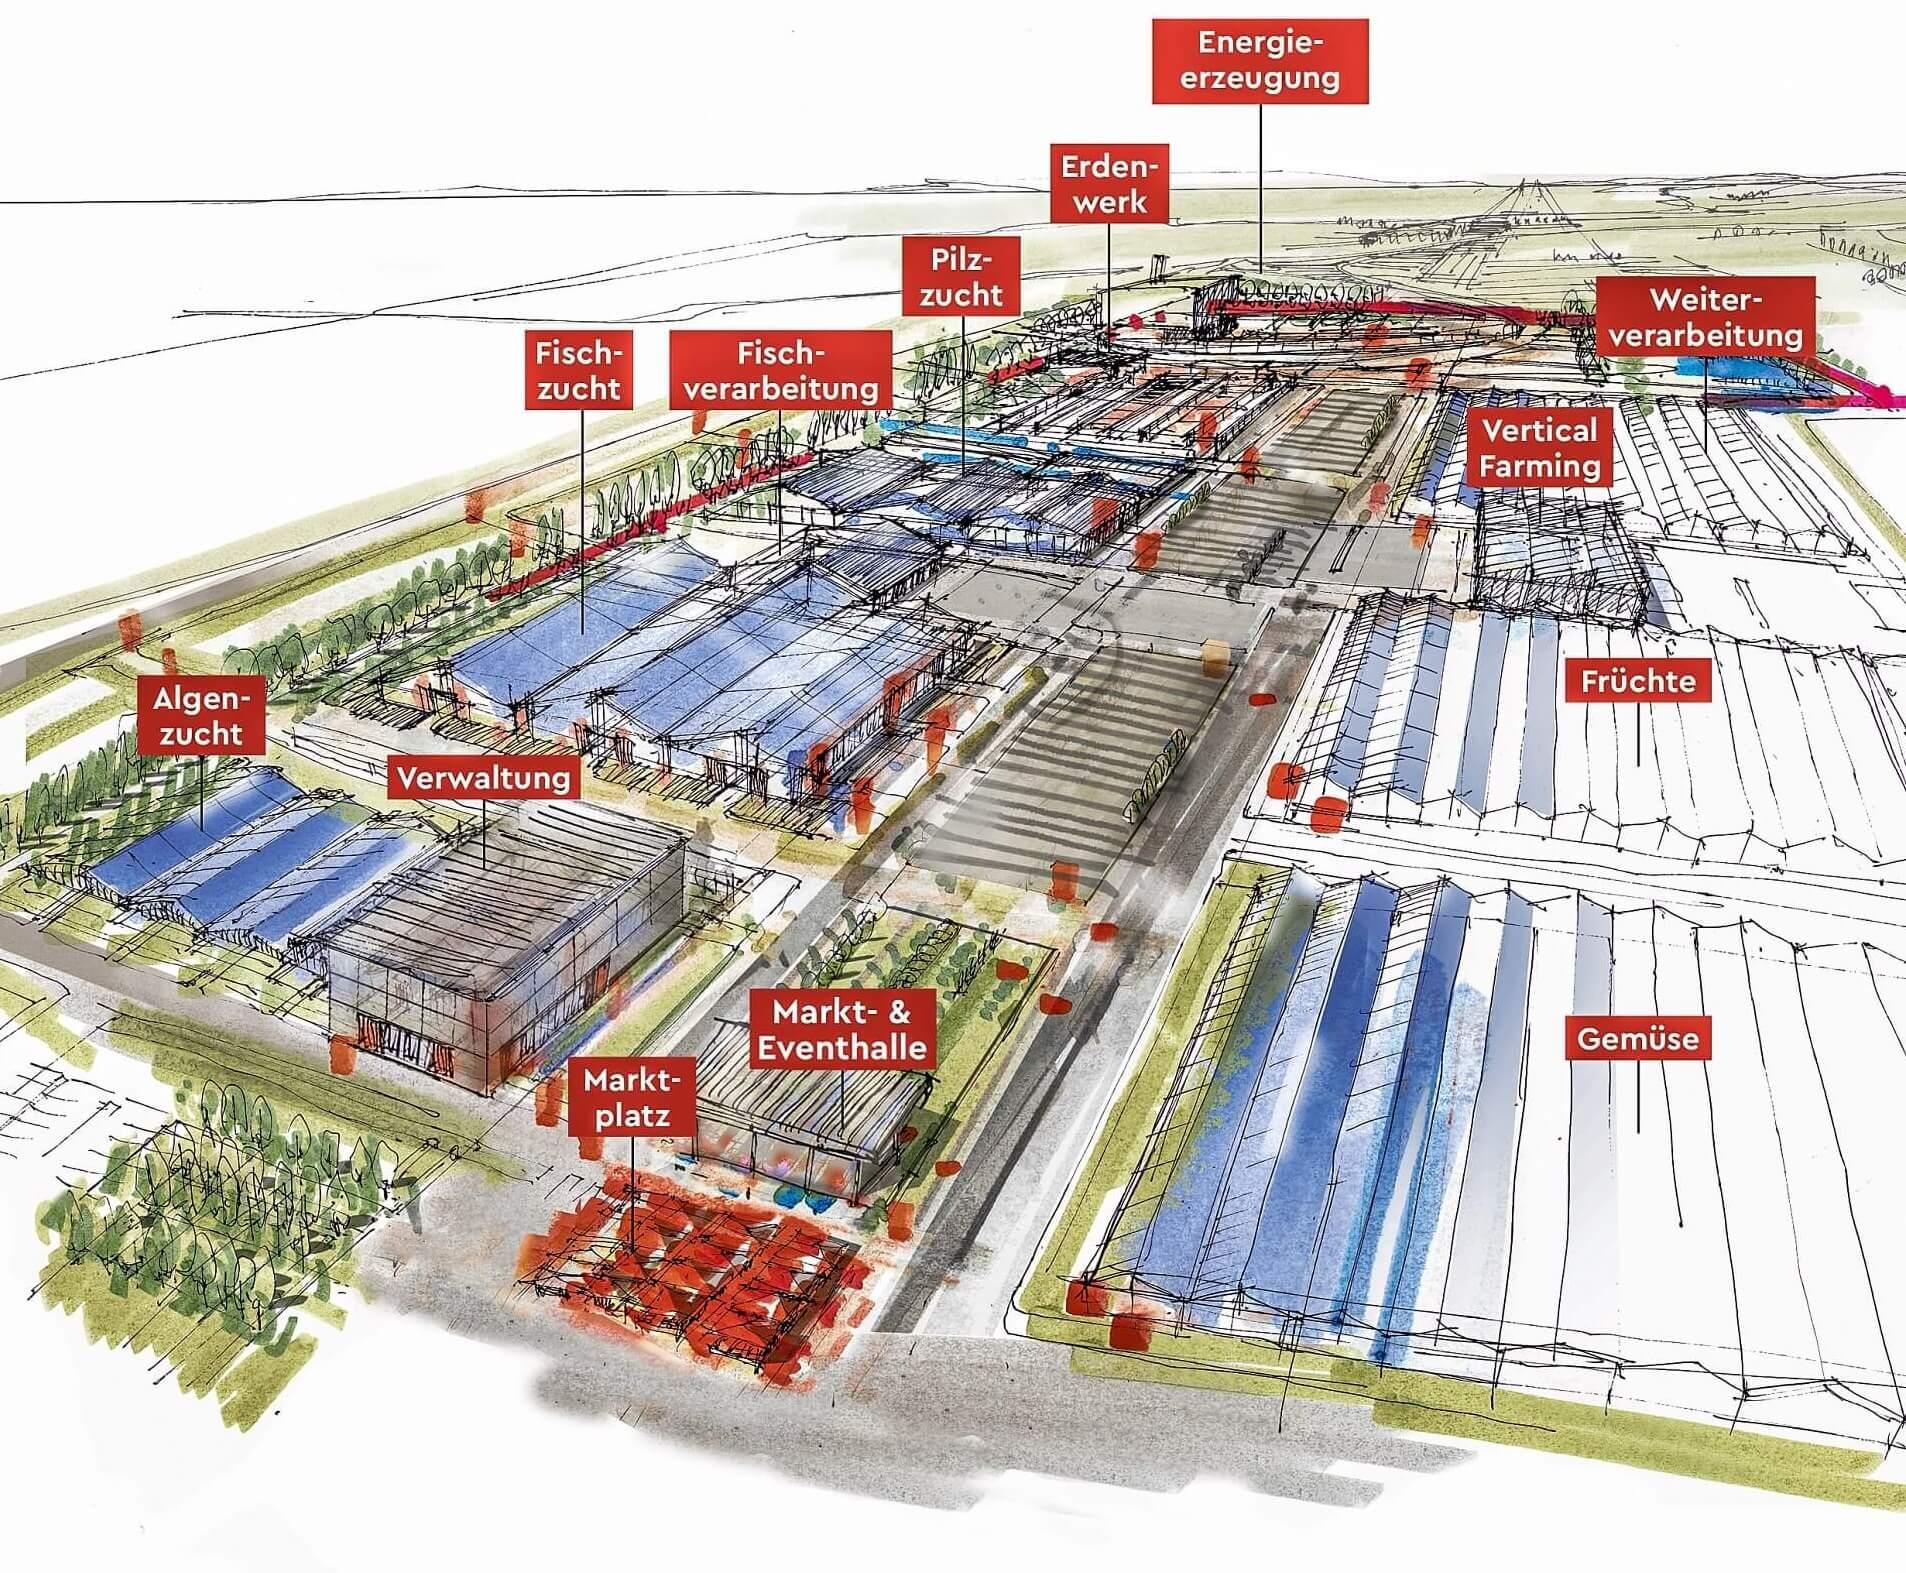 Wie sieht ein Hightech-Bio-Bauernhof aus?